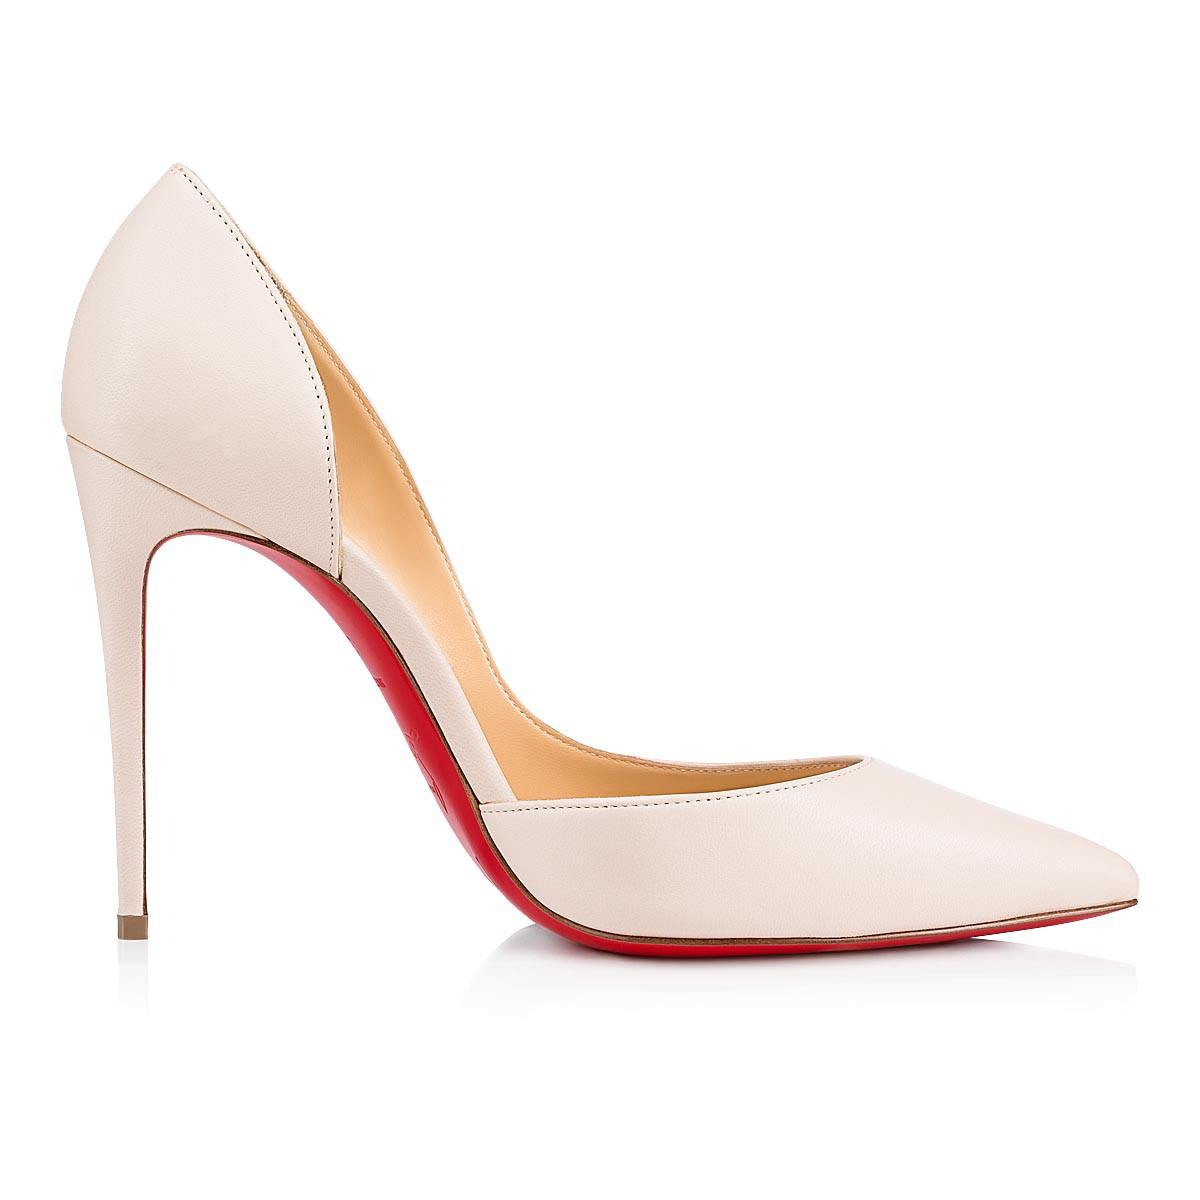 Shoes - Iriza - Christian Louboutin